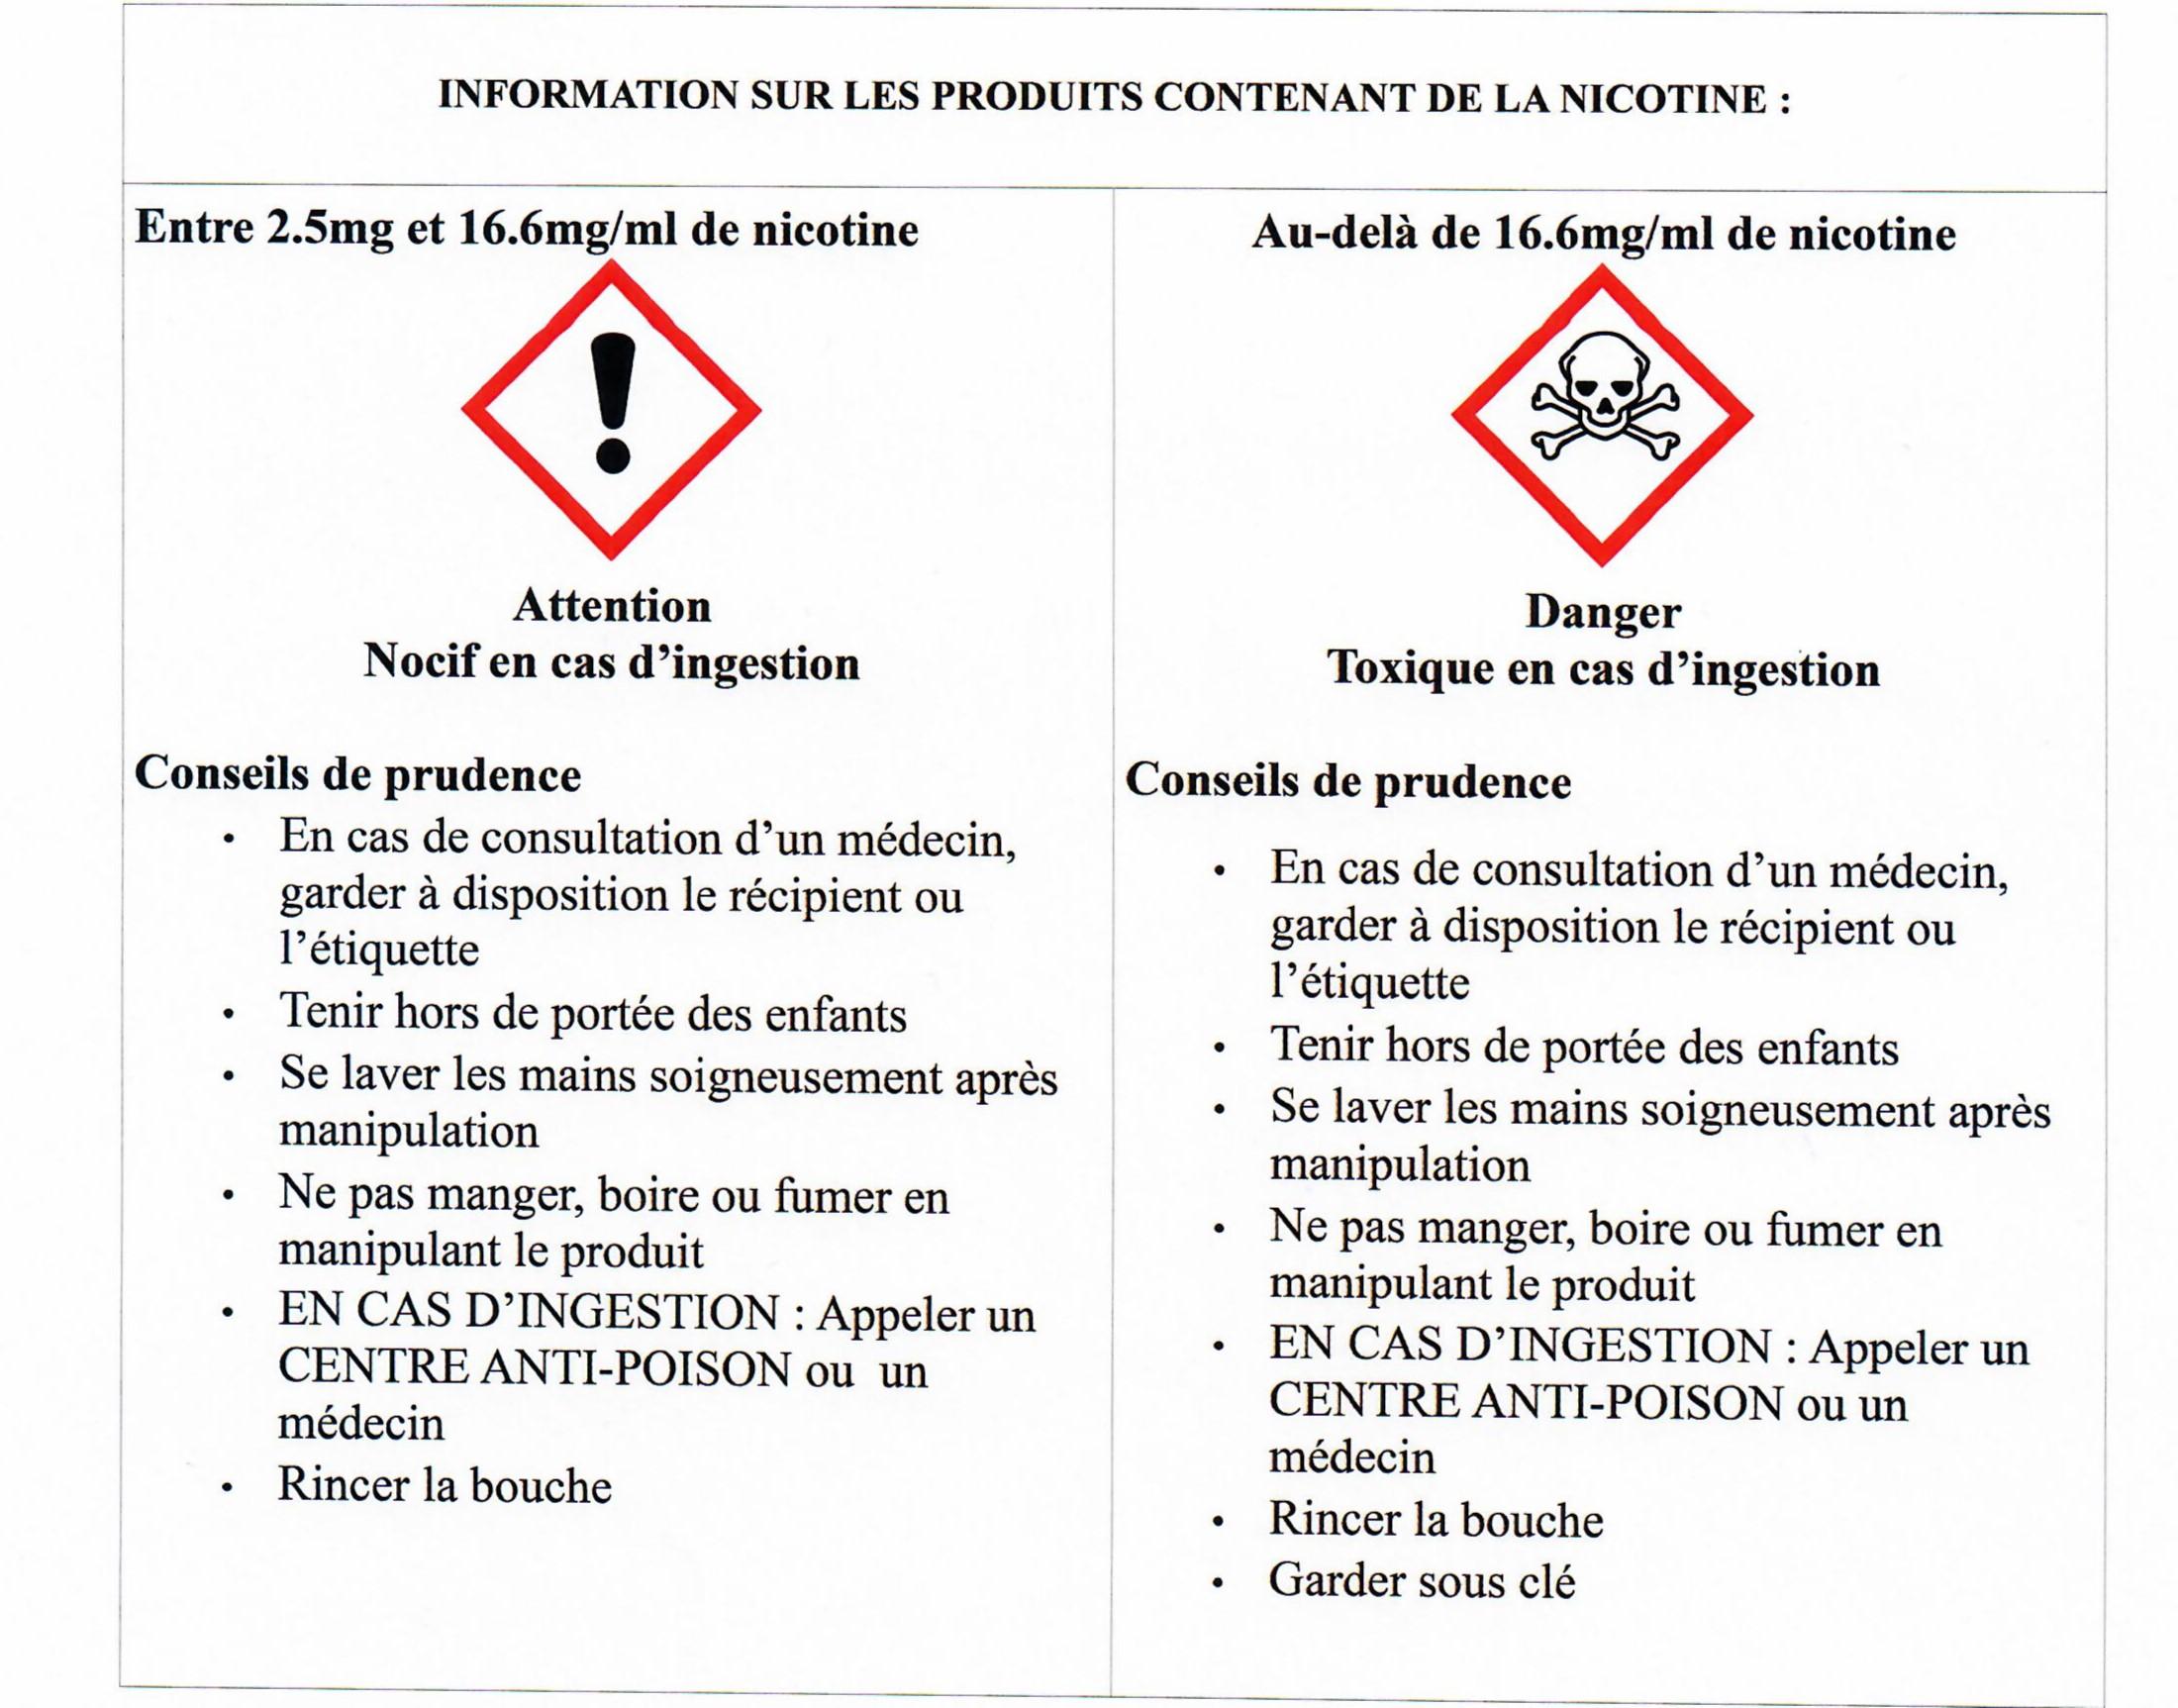 avertissement nicotine.jpg